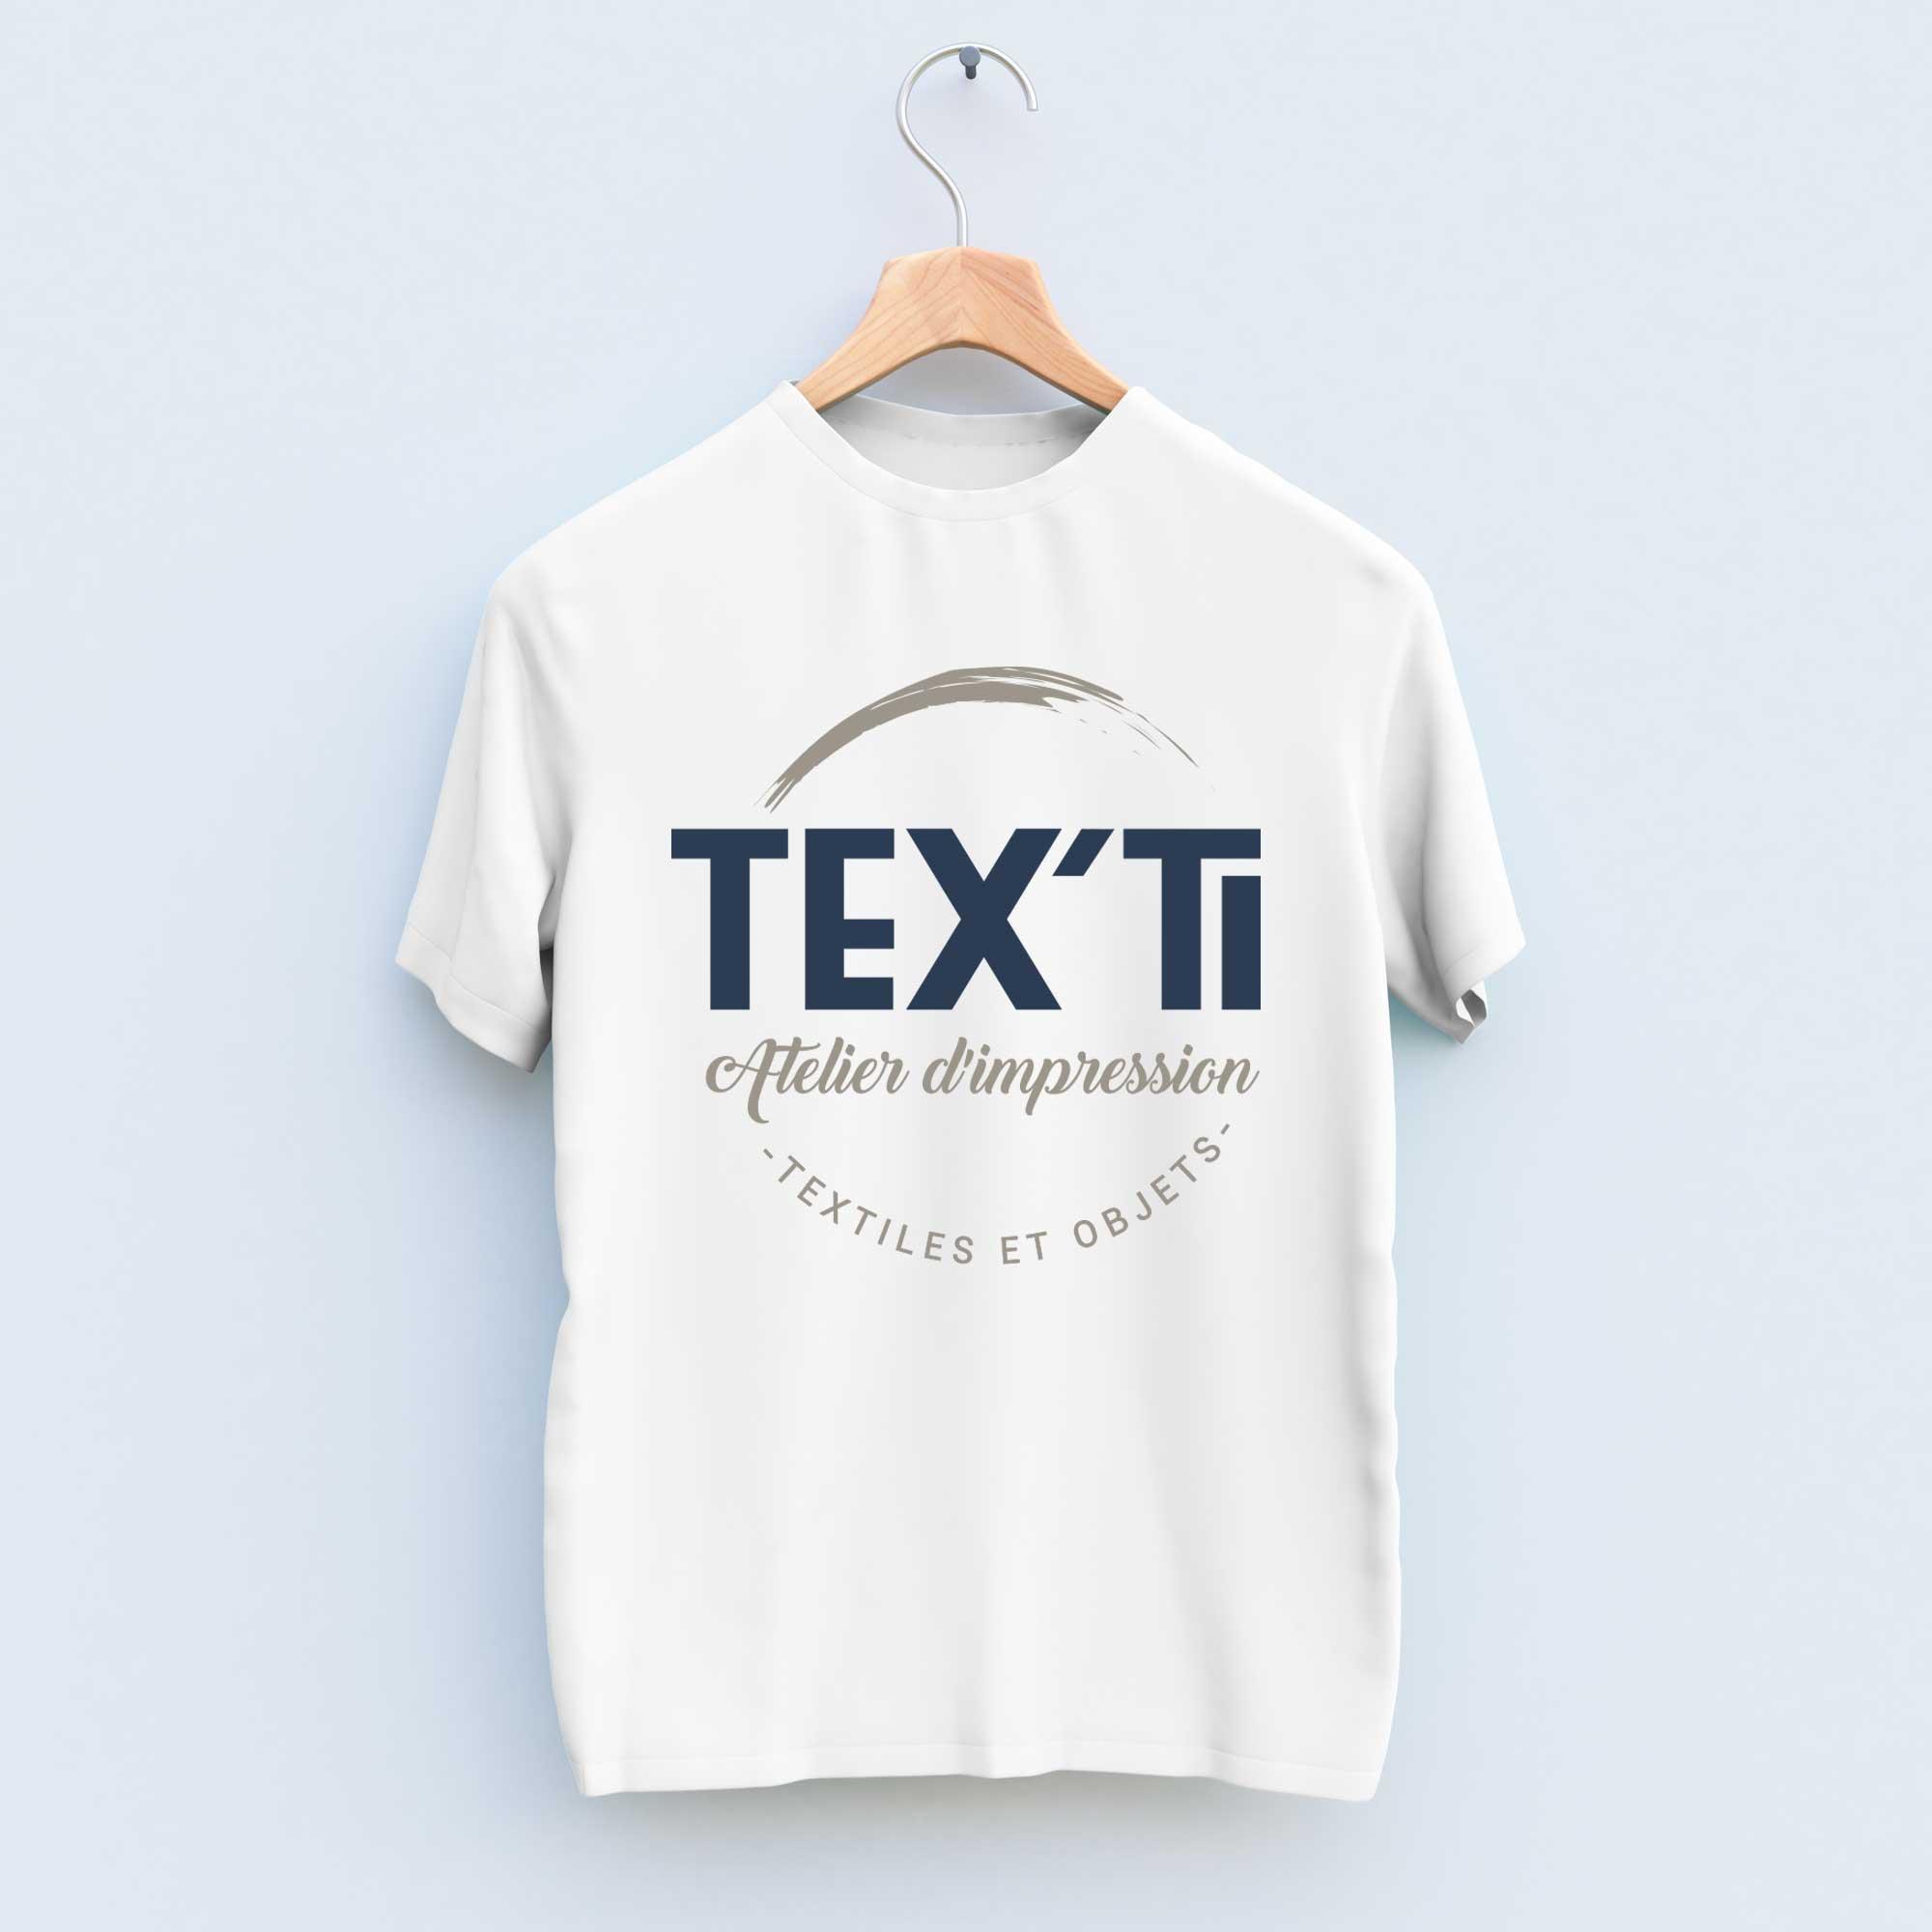 Impression personnalisée sur T-shirt par Tex'ti, entreprise d'impression personnalisée en Vendée